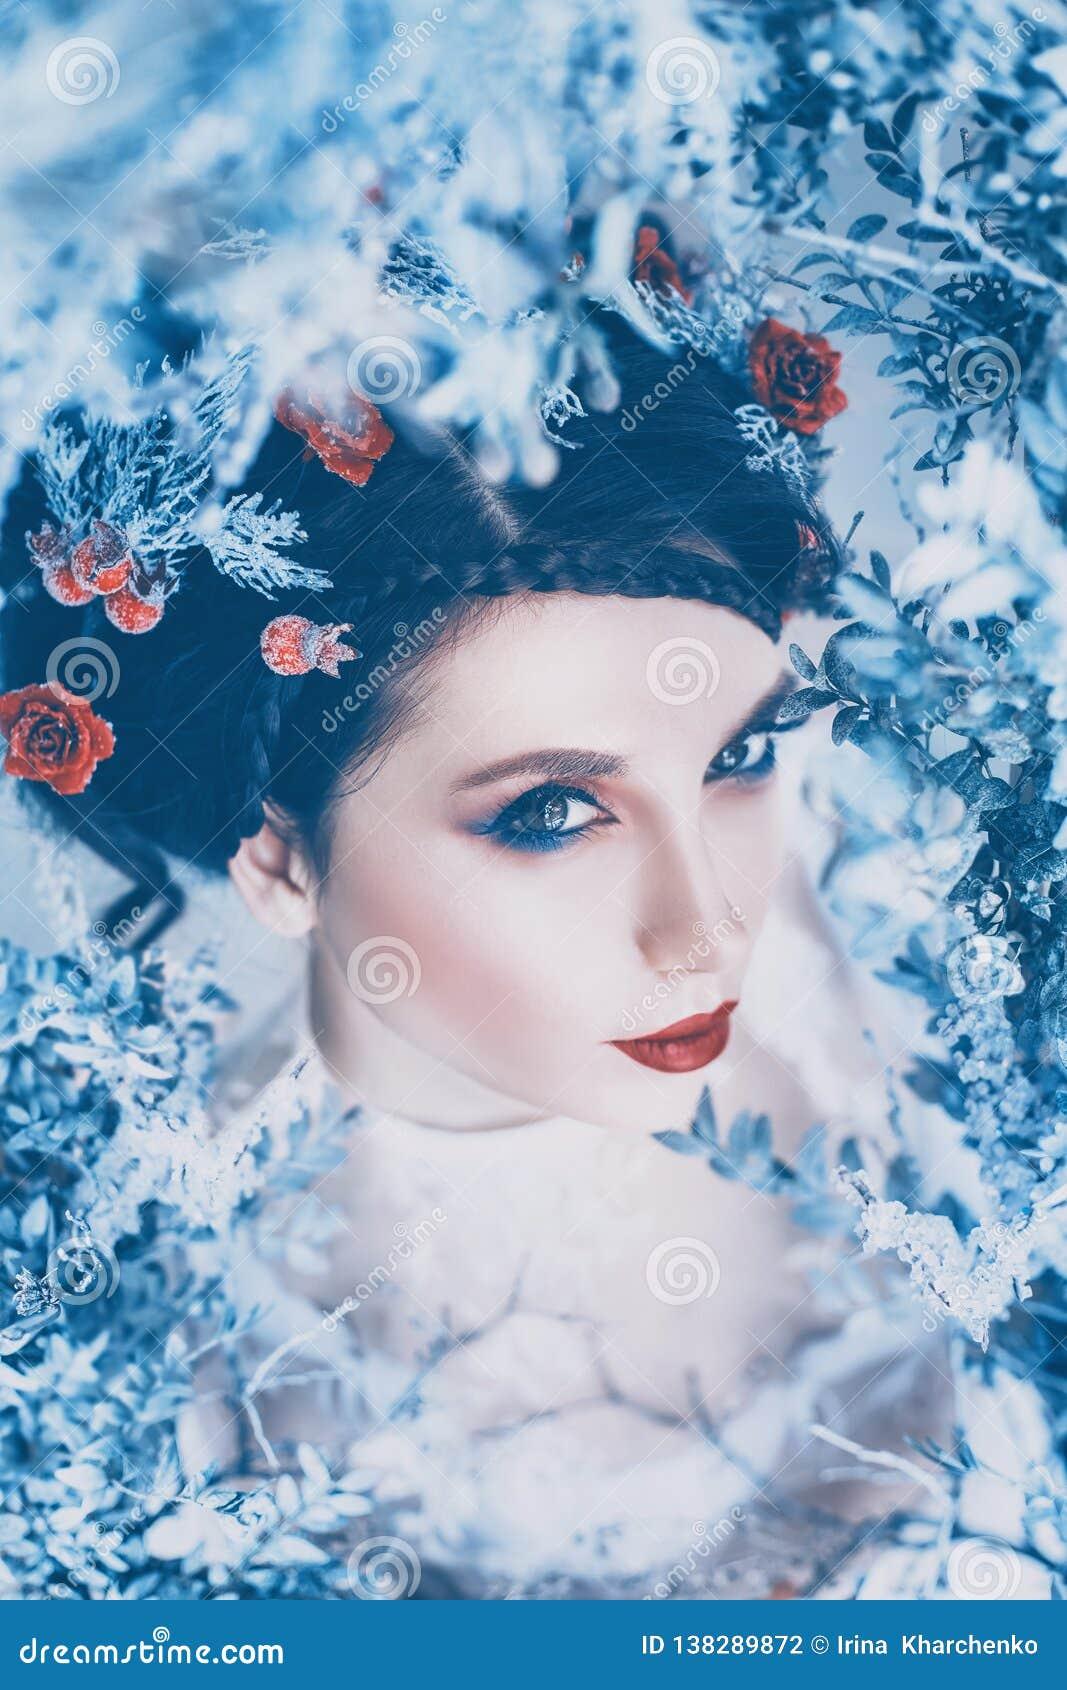 Stolze majestätische Königin des Winters und der ewigen Kälte im langen weißen Kleid mit dem dunklen gesammelten Haar geschmückt